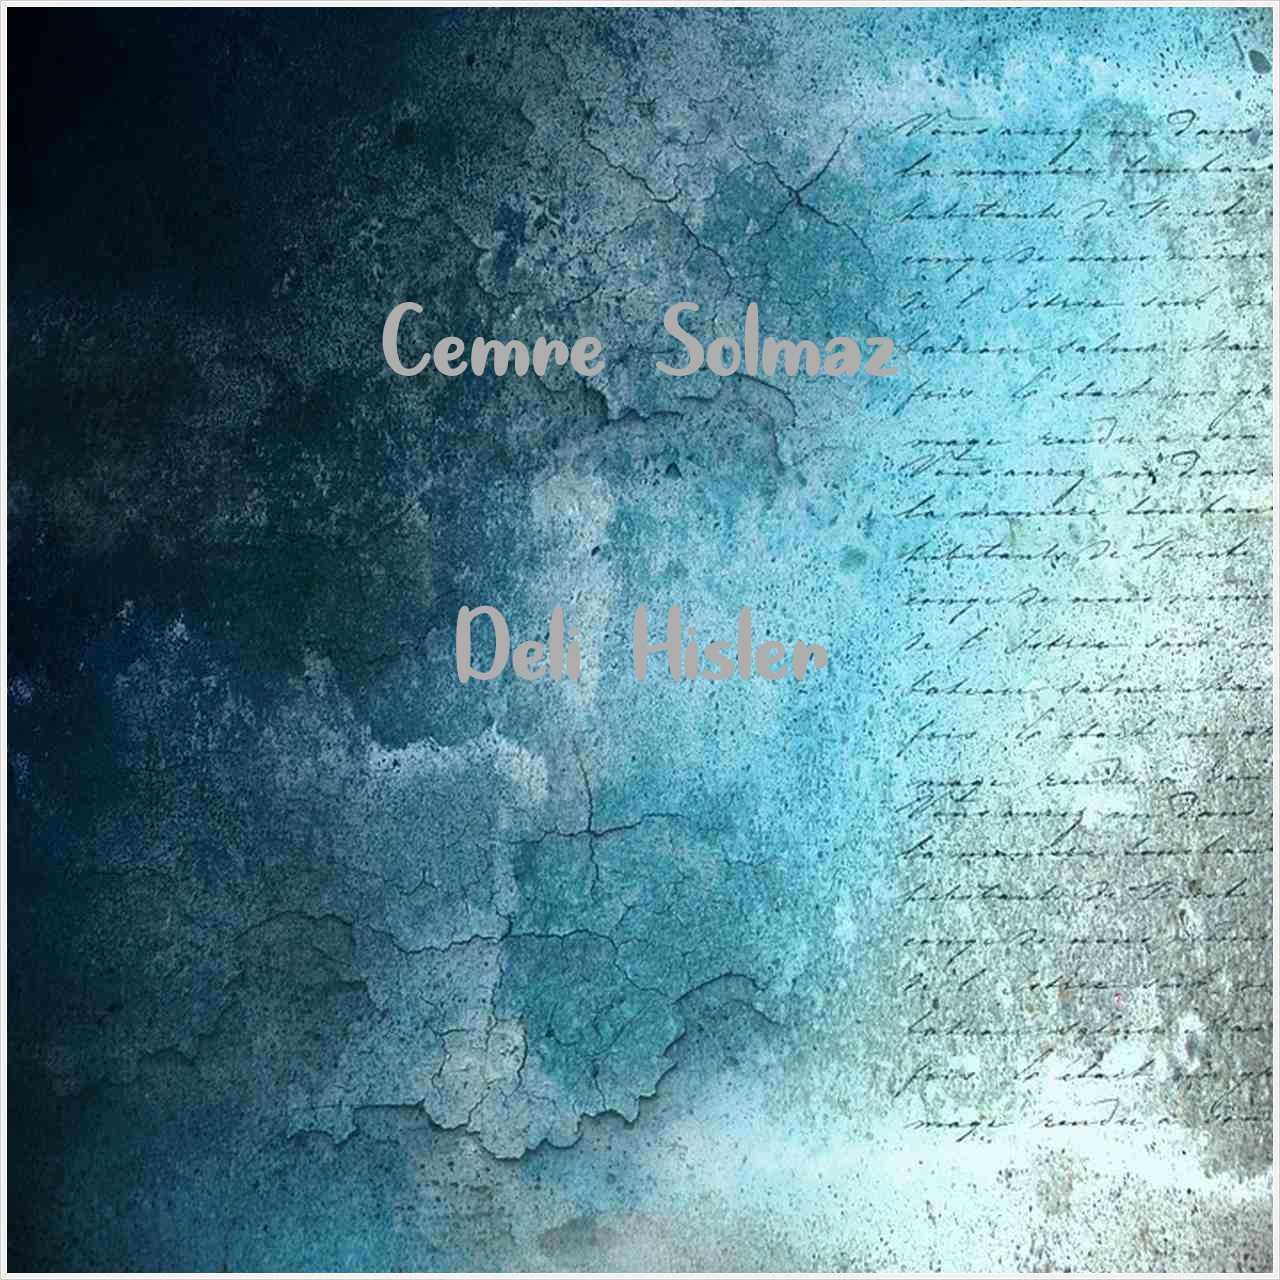 دانلود آهنگ جدید Cemre Solmaz به نام Deli Hisler